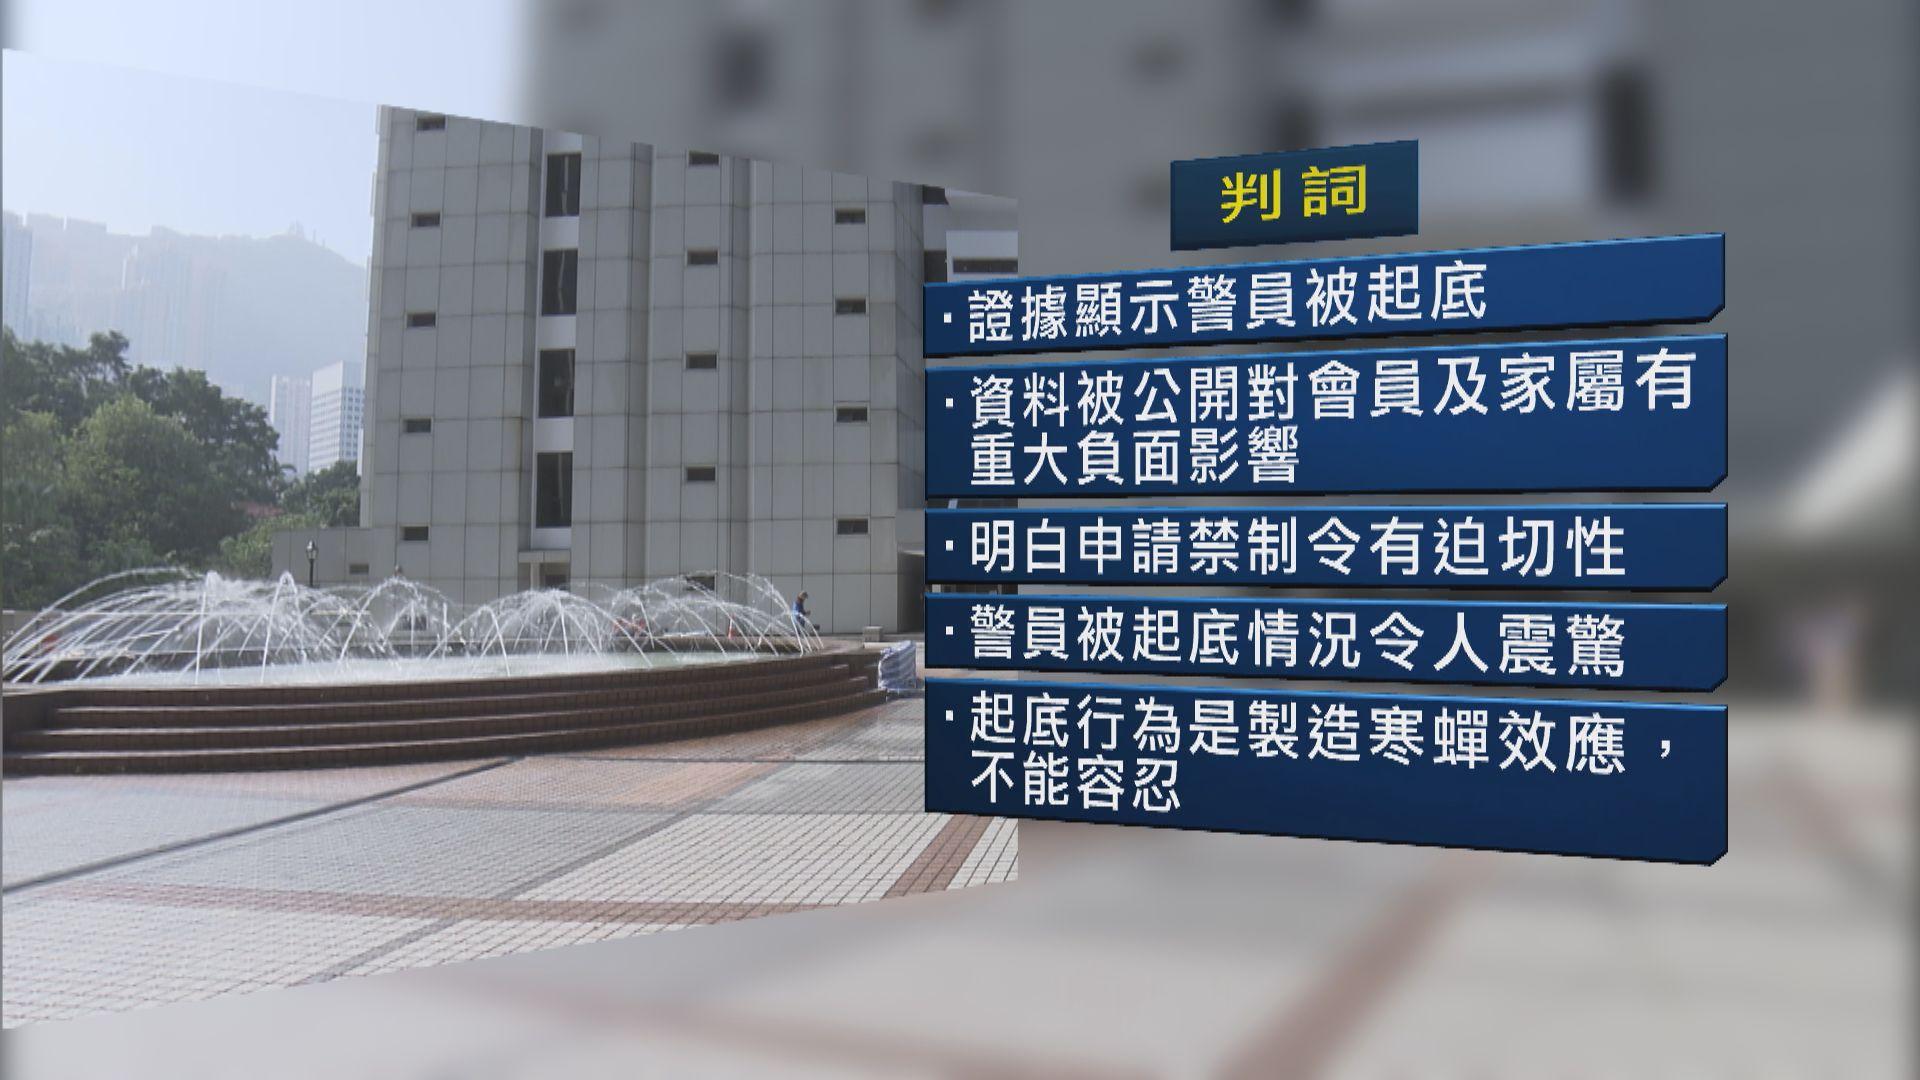 高院頒令禁查選民登記冊至案件覆核完結